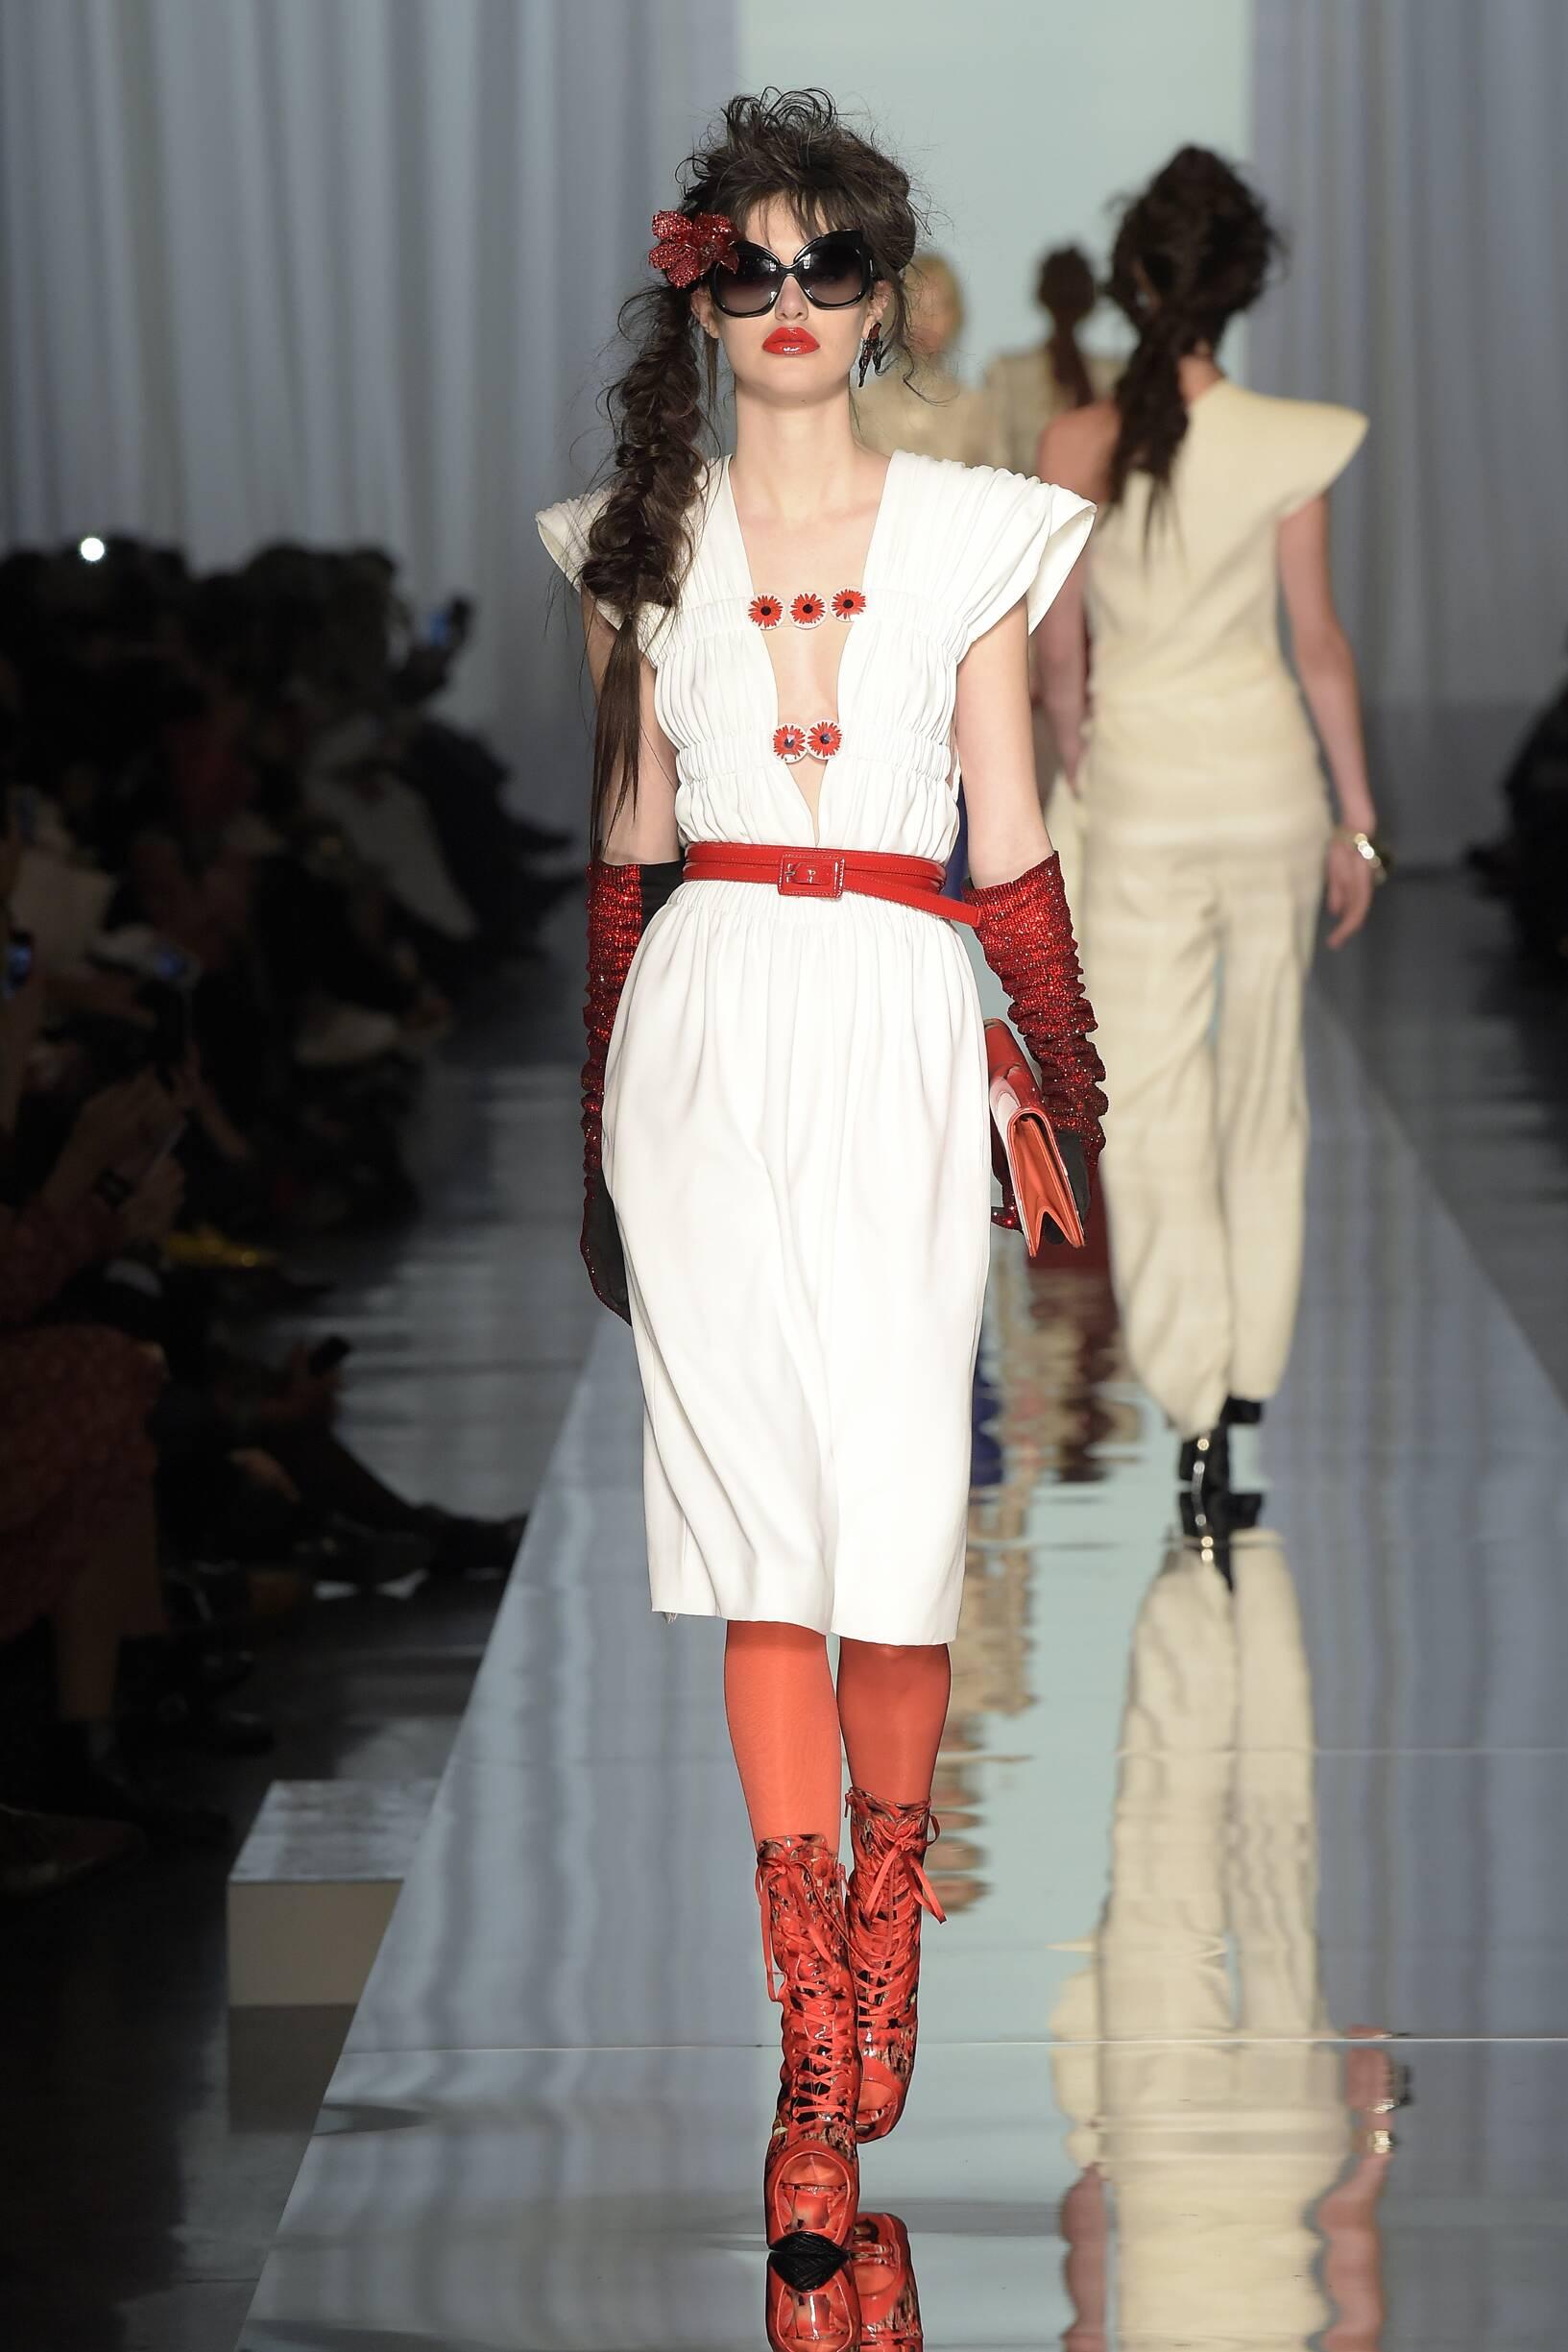 Jean Paul Gaultier Haute Couture Woman Paris Fashion Week